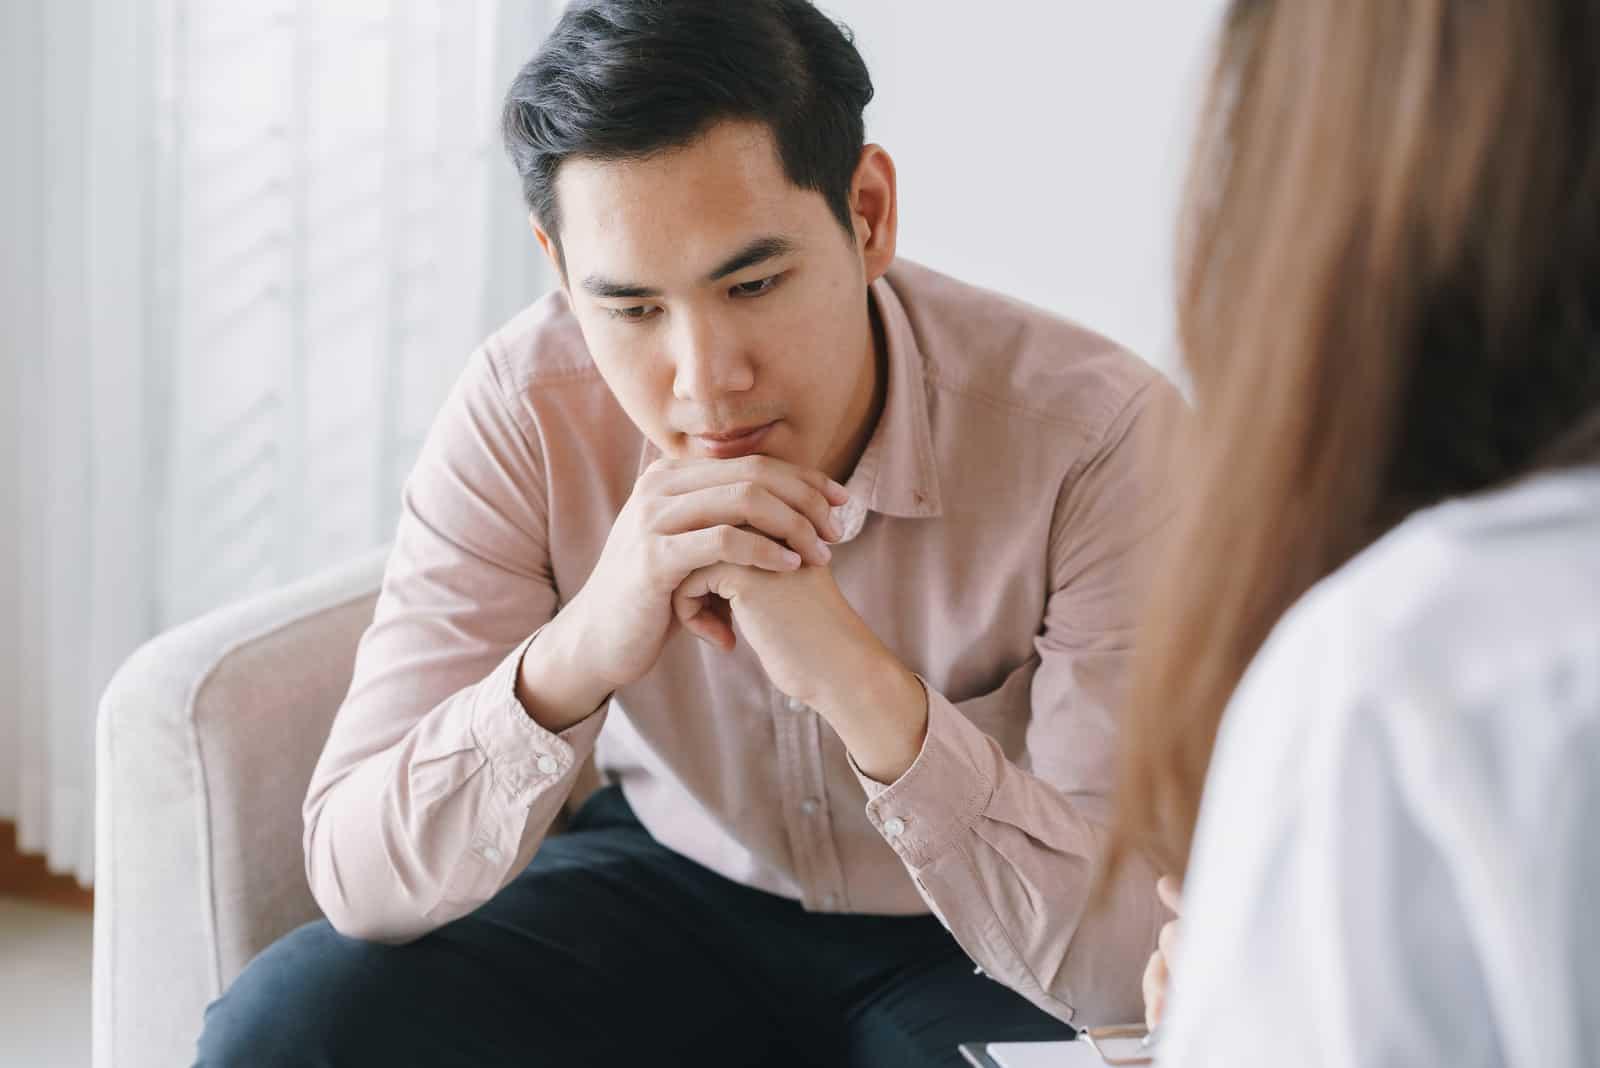 un homme déçu est assis avec une femme et ils parlent